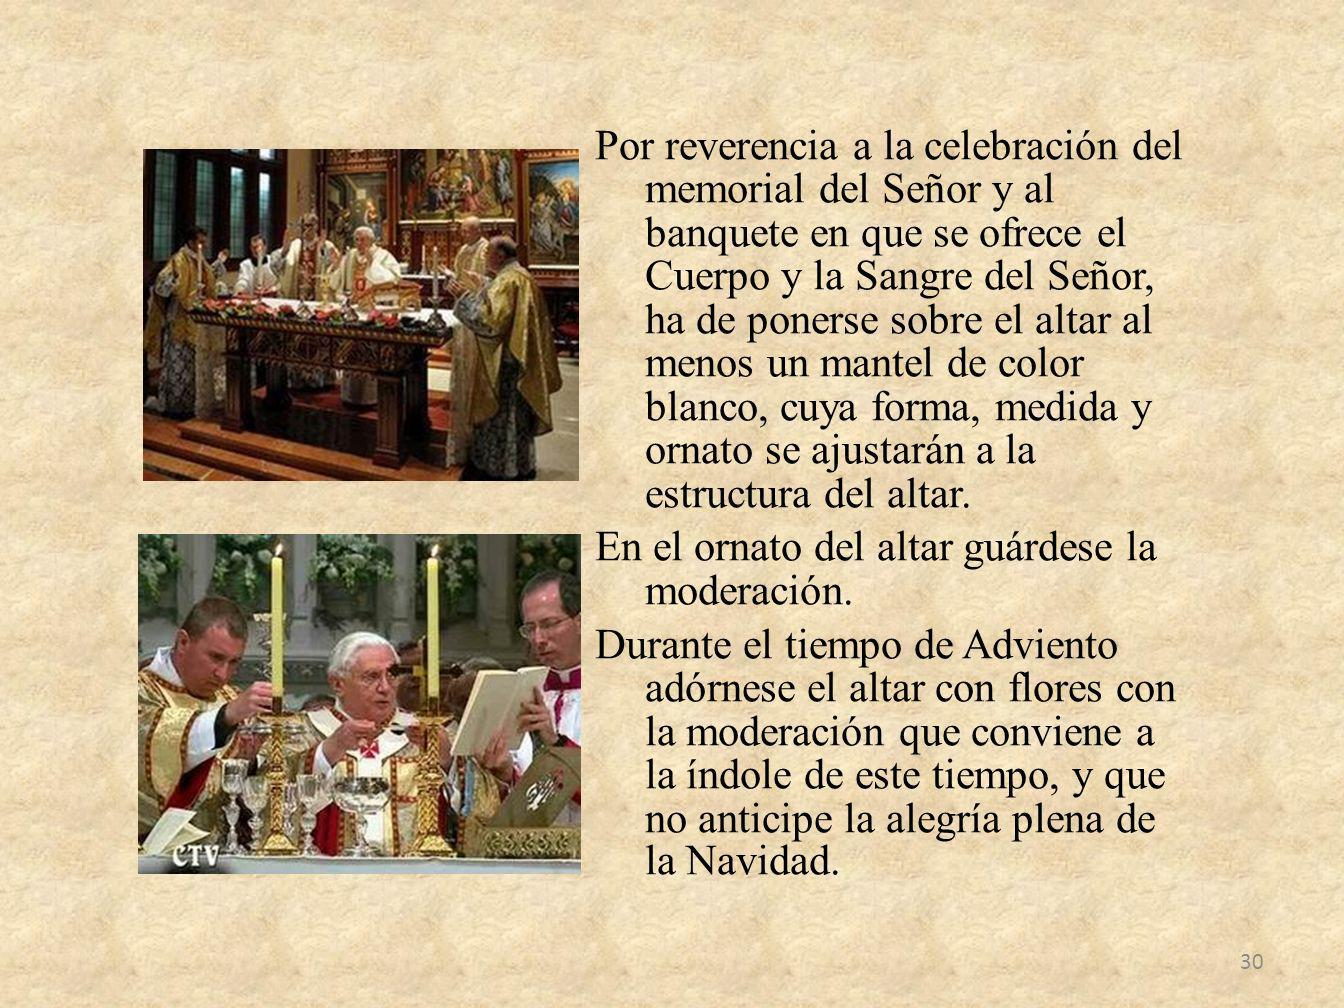 Por reverencia a la celebración del memorial del Señor y al banquete en que se ofrece el Cuerpo y la Sangre del Señor, ha de ponerse sobre el altar al